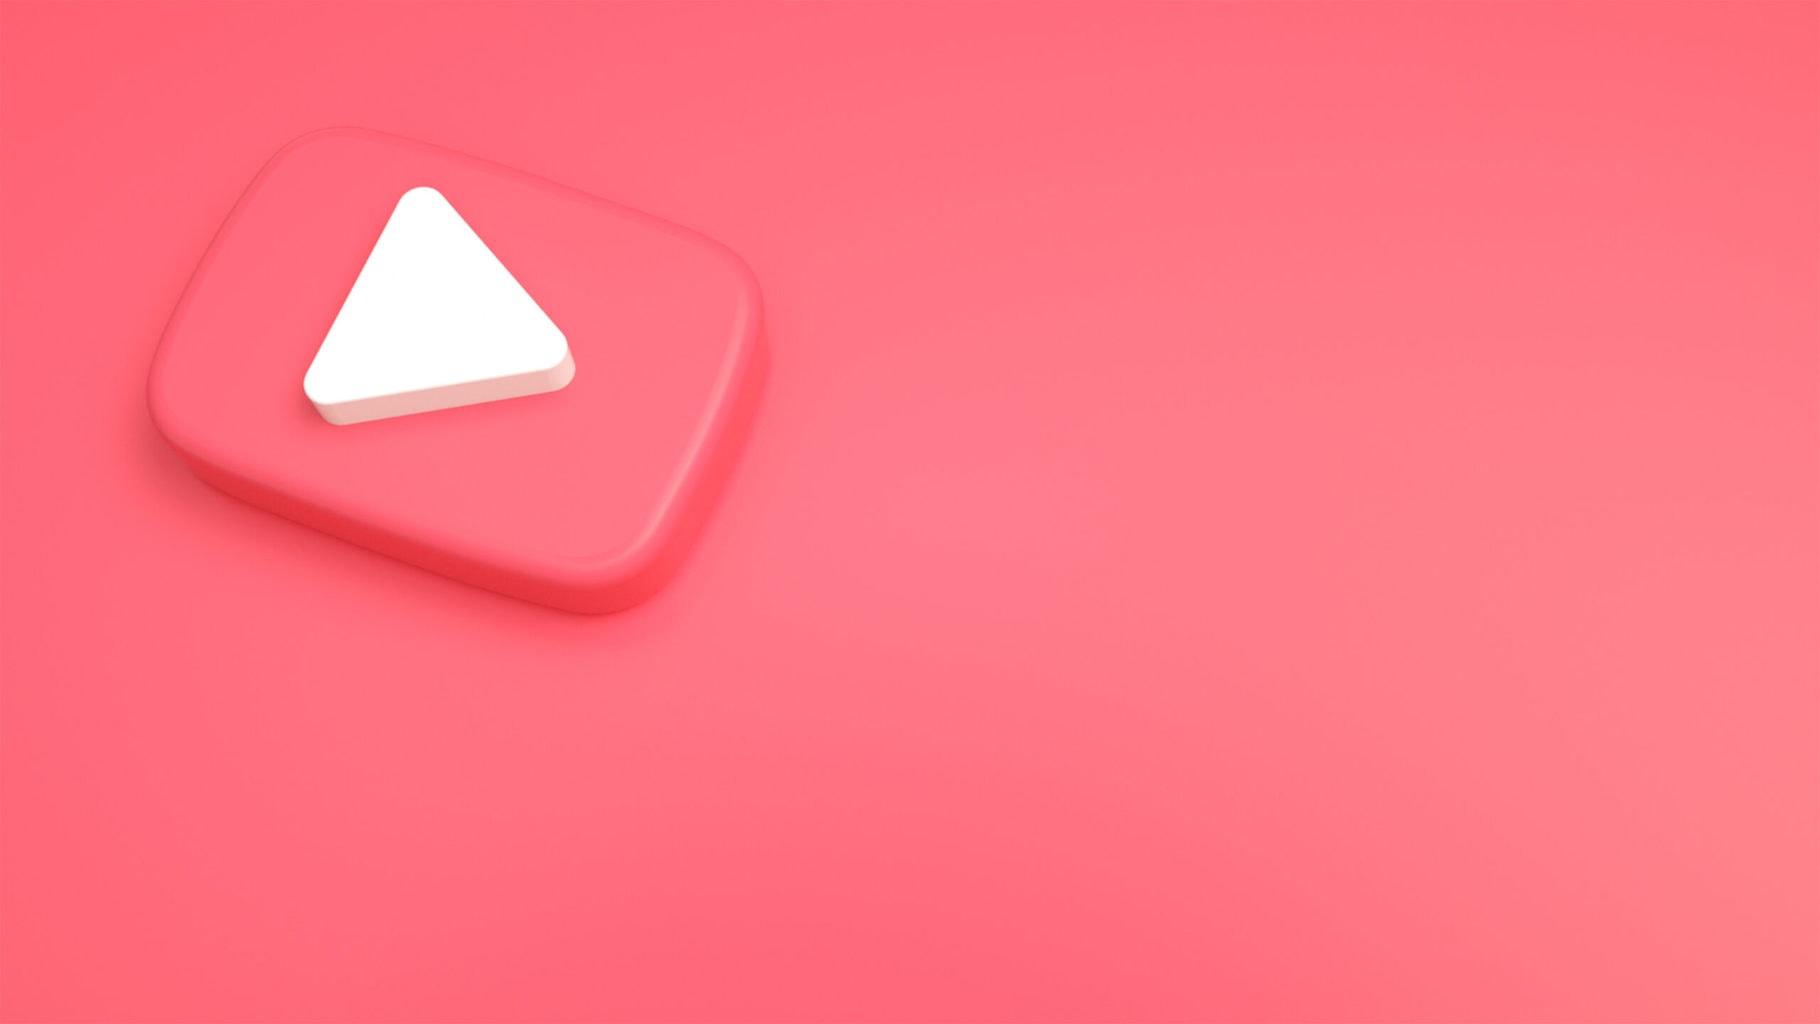 Youtube Videolarında Önizleme Görseli Optimizasyonu Nasıl Yapılır?